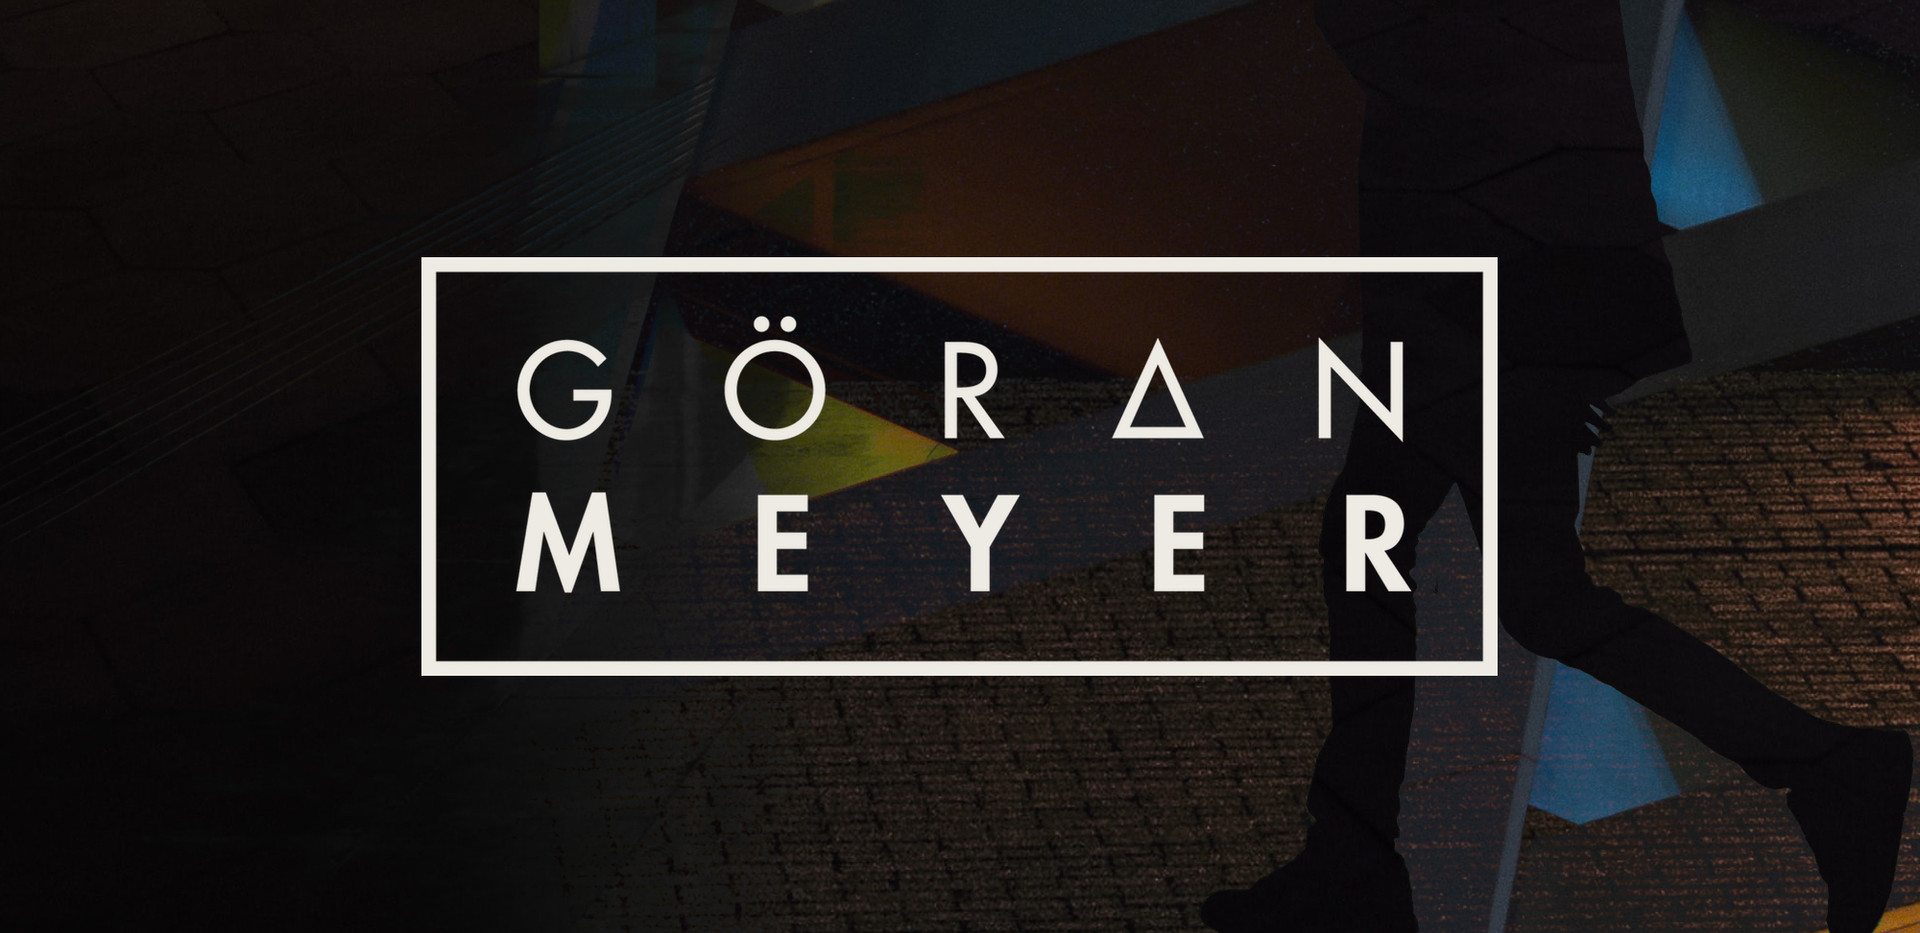 Goeran Meyer - Monthly Episode #03.21